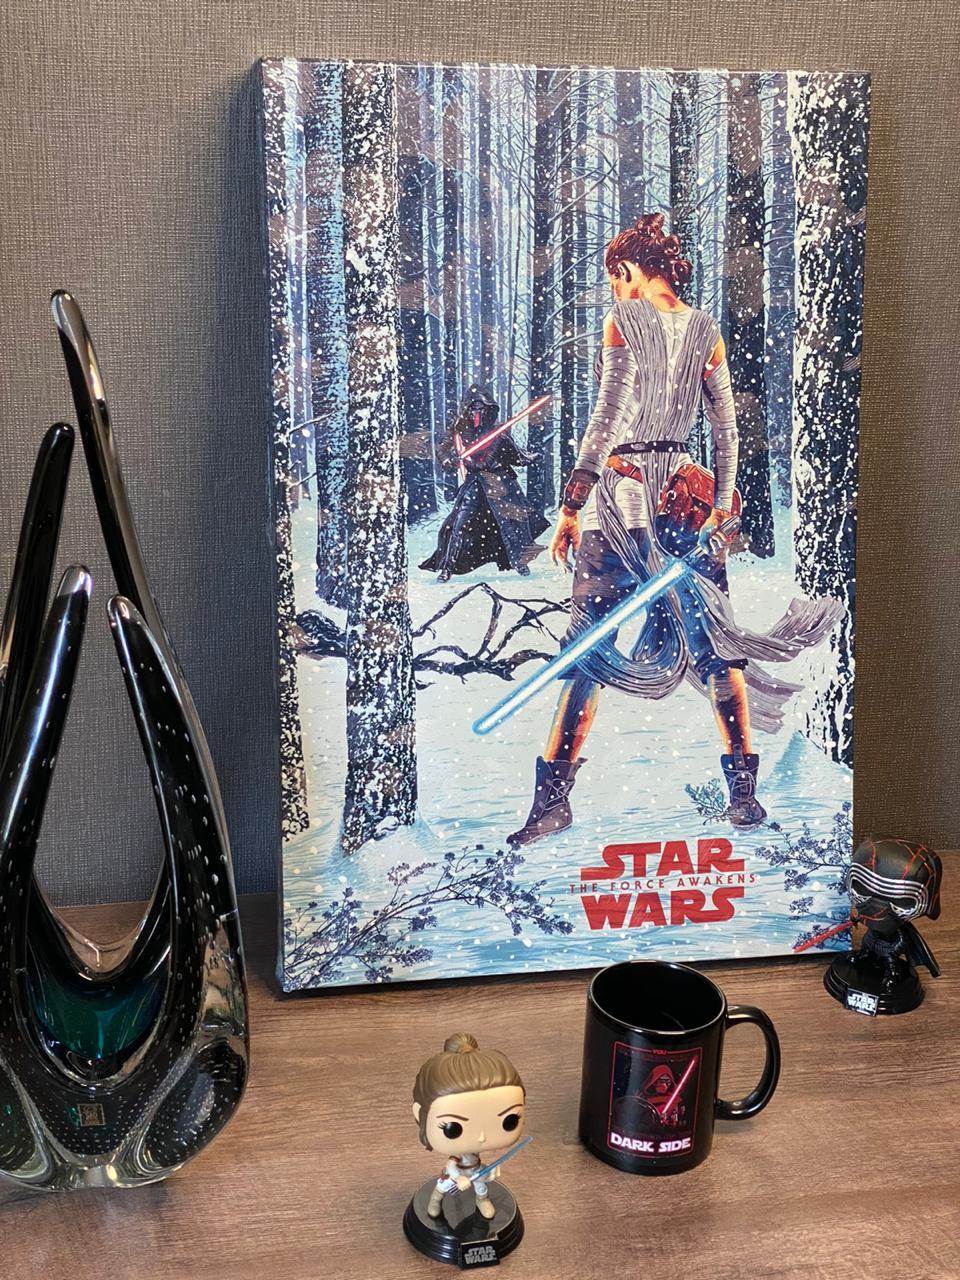 Quadro Prime Star Wars O Despertar da Força (The Force Awakens)